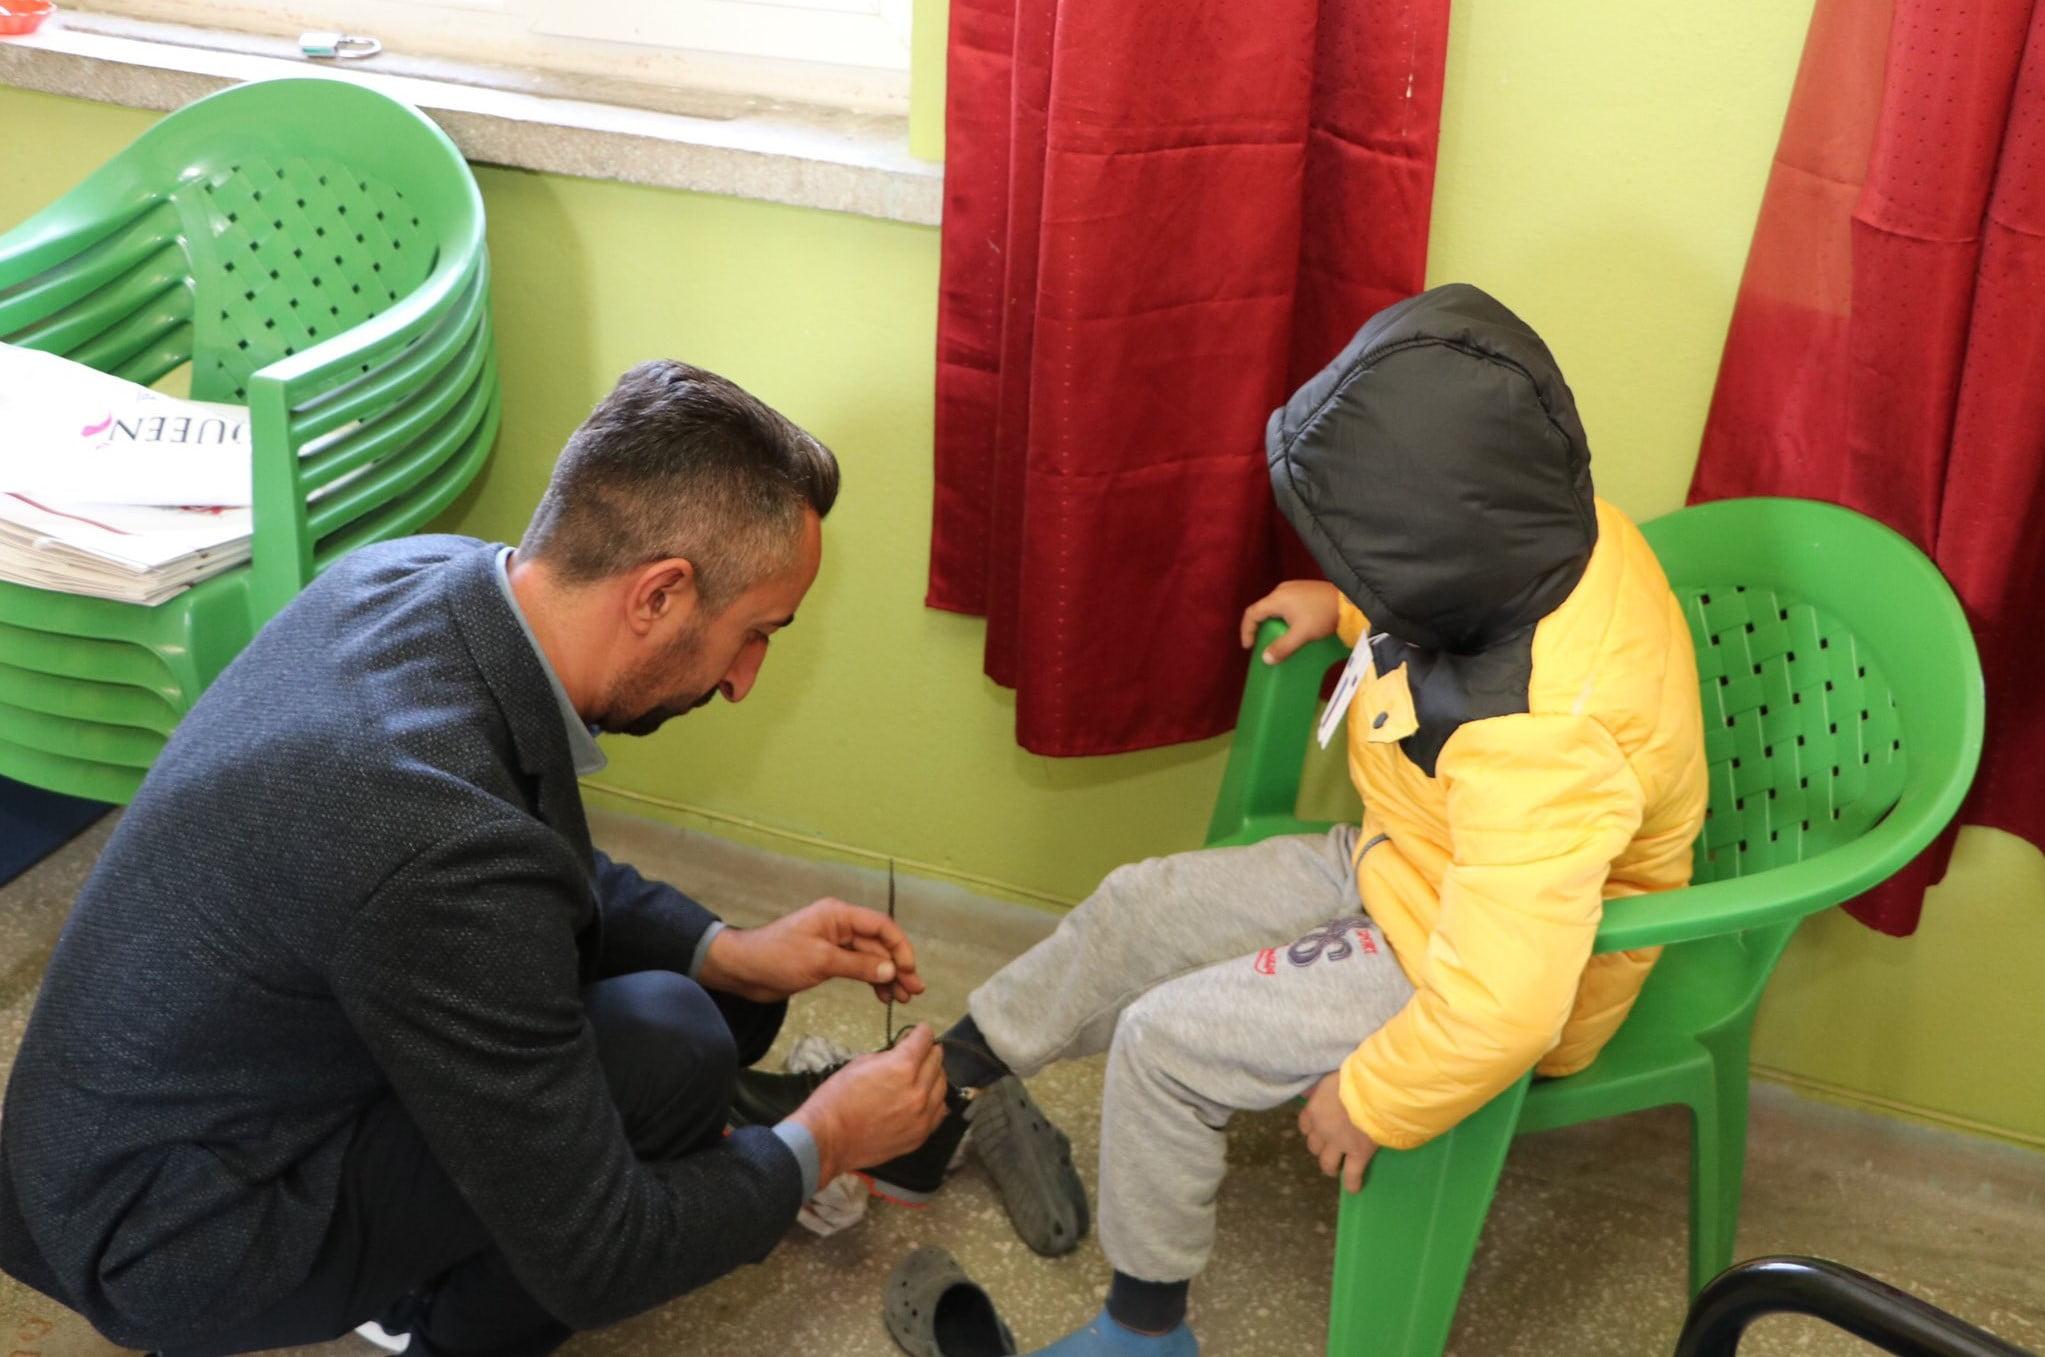 Elazığ'da Çocuklara Kışlık Kıyafet Yardımı Yapıldı